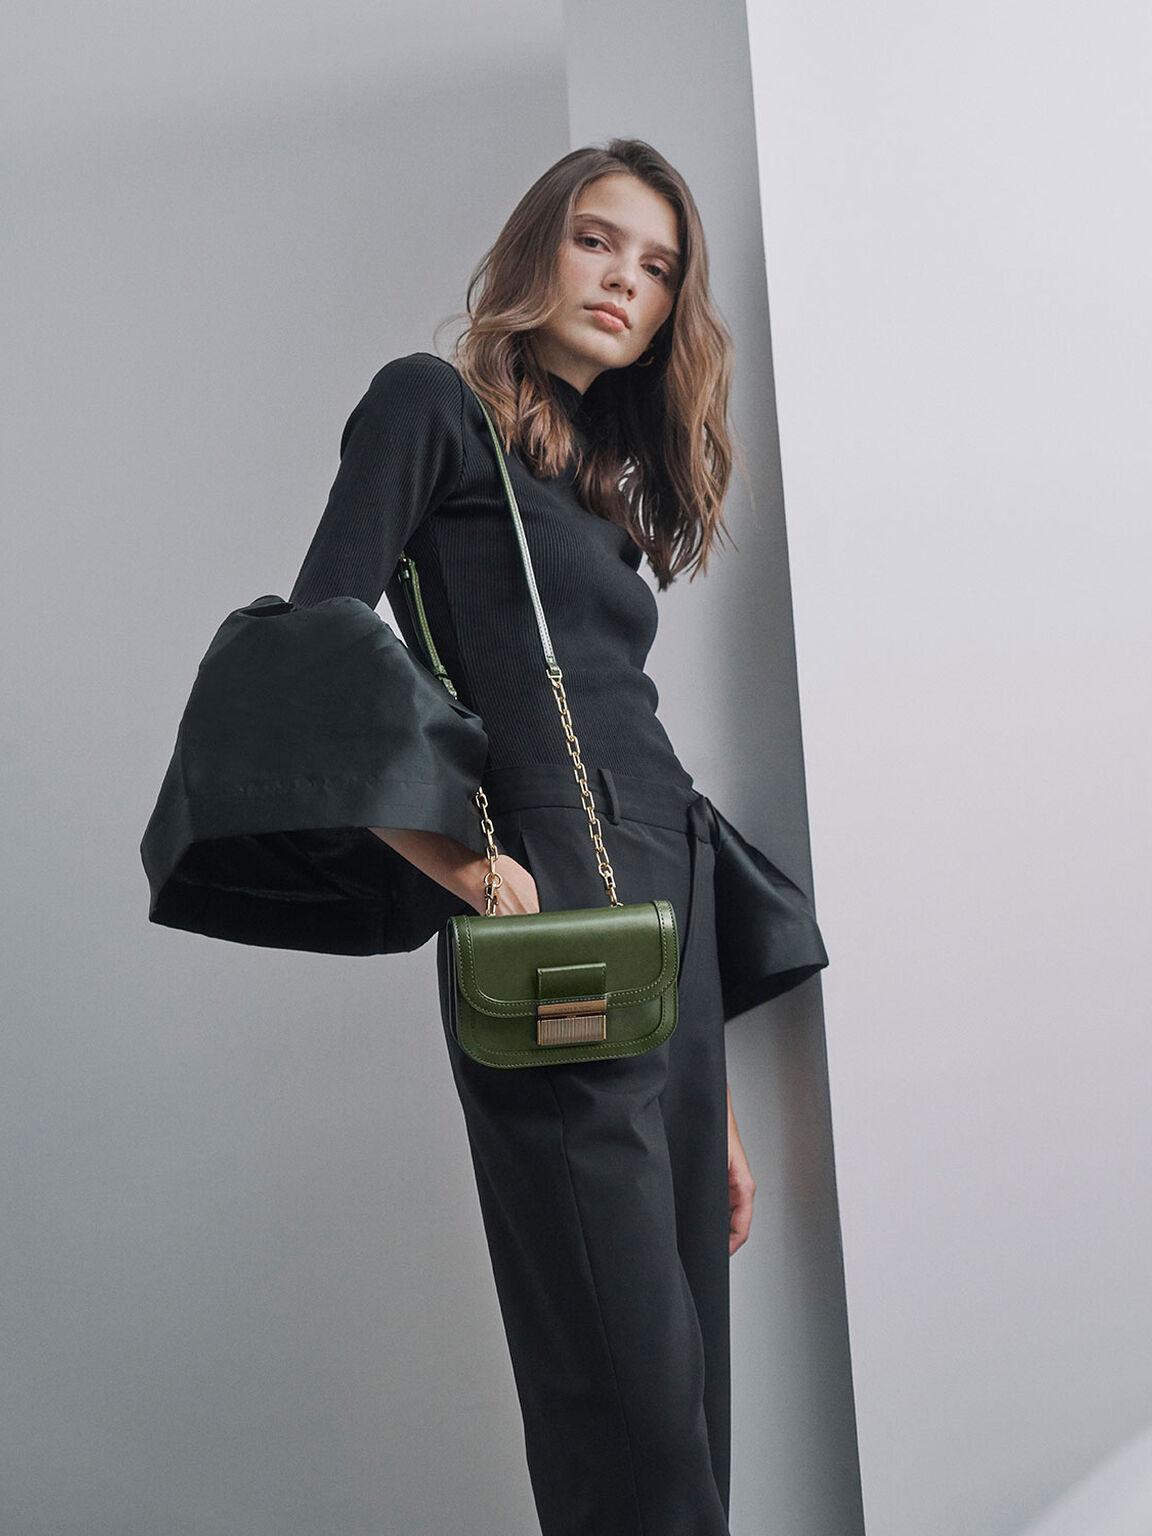 Metallic Push-Lock Front Flap Bag, Sage Green, hi-res